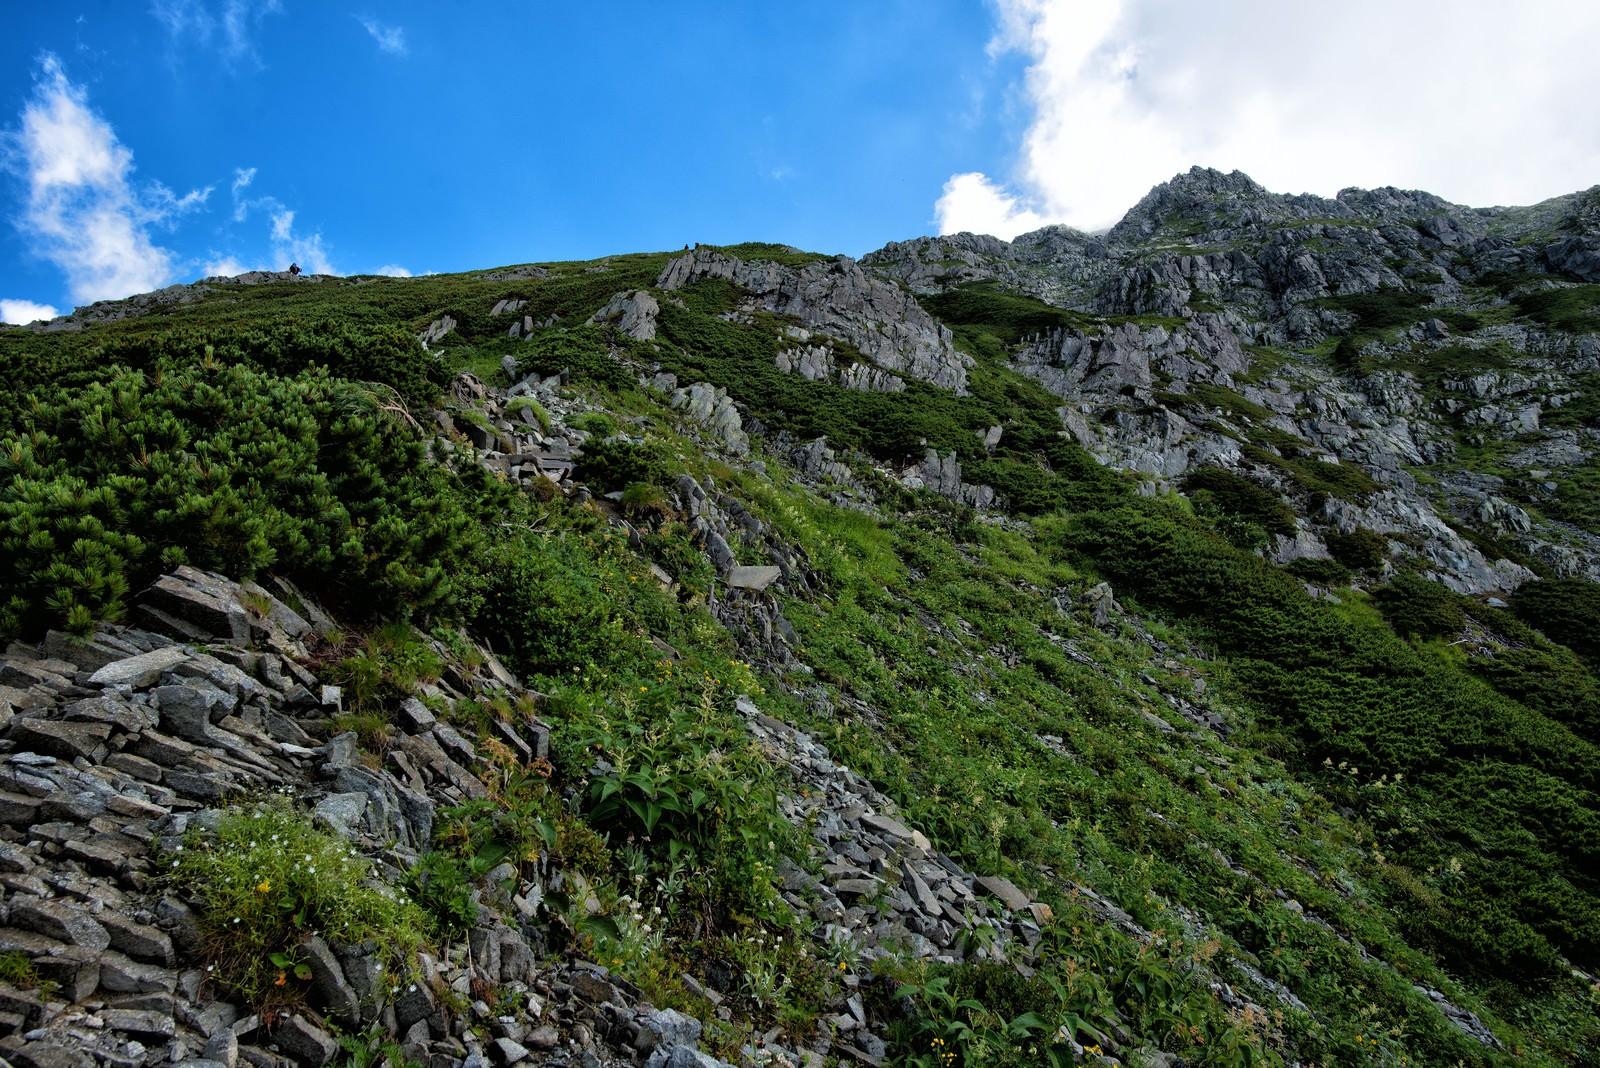 「急峻な登山道に聳え立つ前穂高岳」の写真